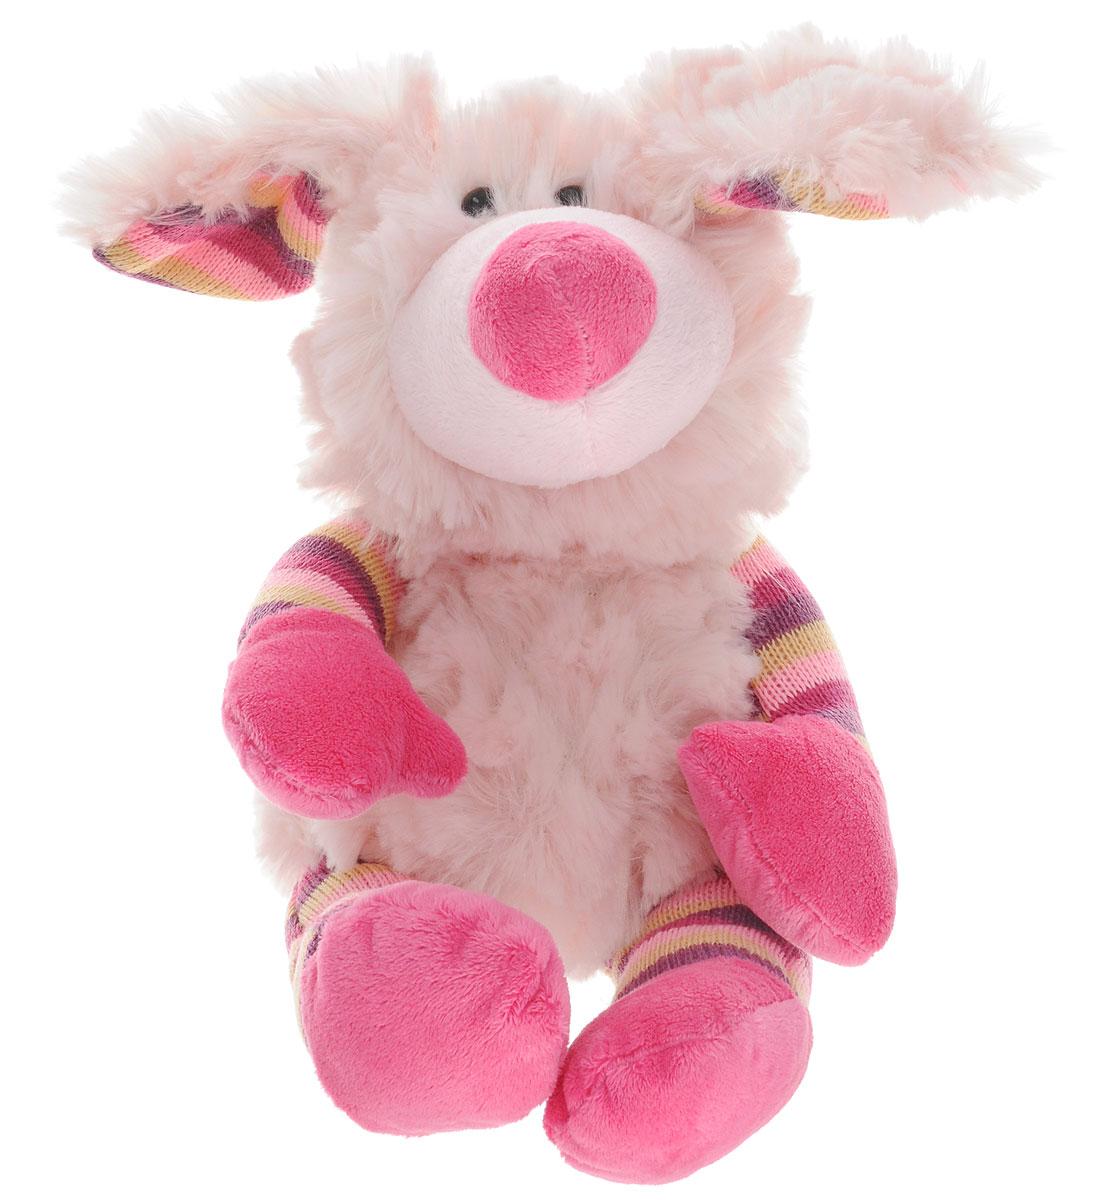 Toivy Мягкая игрушка Собака 20 см471-2362Мягкая игрушка Toivy Собака - это забавный песик, у которого взъерошенный и лохматый вид. Симпатичная собачка выполнена в девичьей расцветке с использованием белого, розового, малинового, лилового и горчичного цветов. Игрушка изготовлена с вниманием к деталям, аккуратно сшита. Она набита мягким материалом в сочетании с пластиковыми гранулами, которые полезно и приятно перебирать в руках. Собачка легкая, компактная и не занимает много места в комнате ребенка, поместится даже в школьный портфель или сумочку.